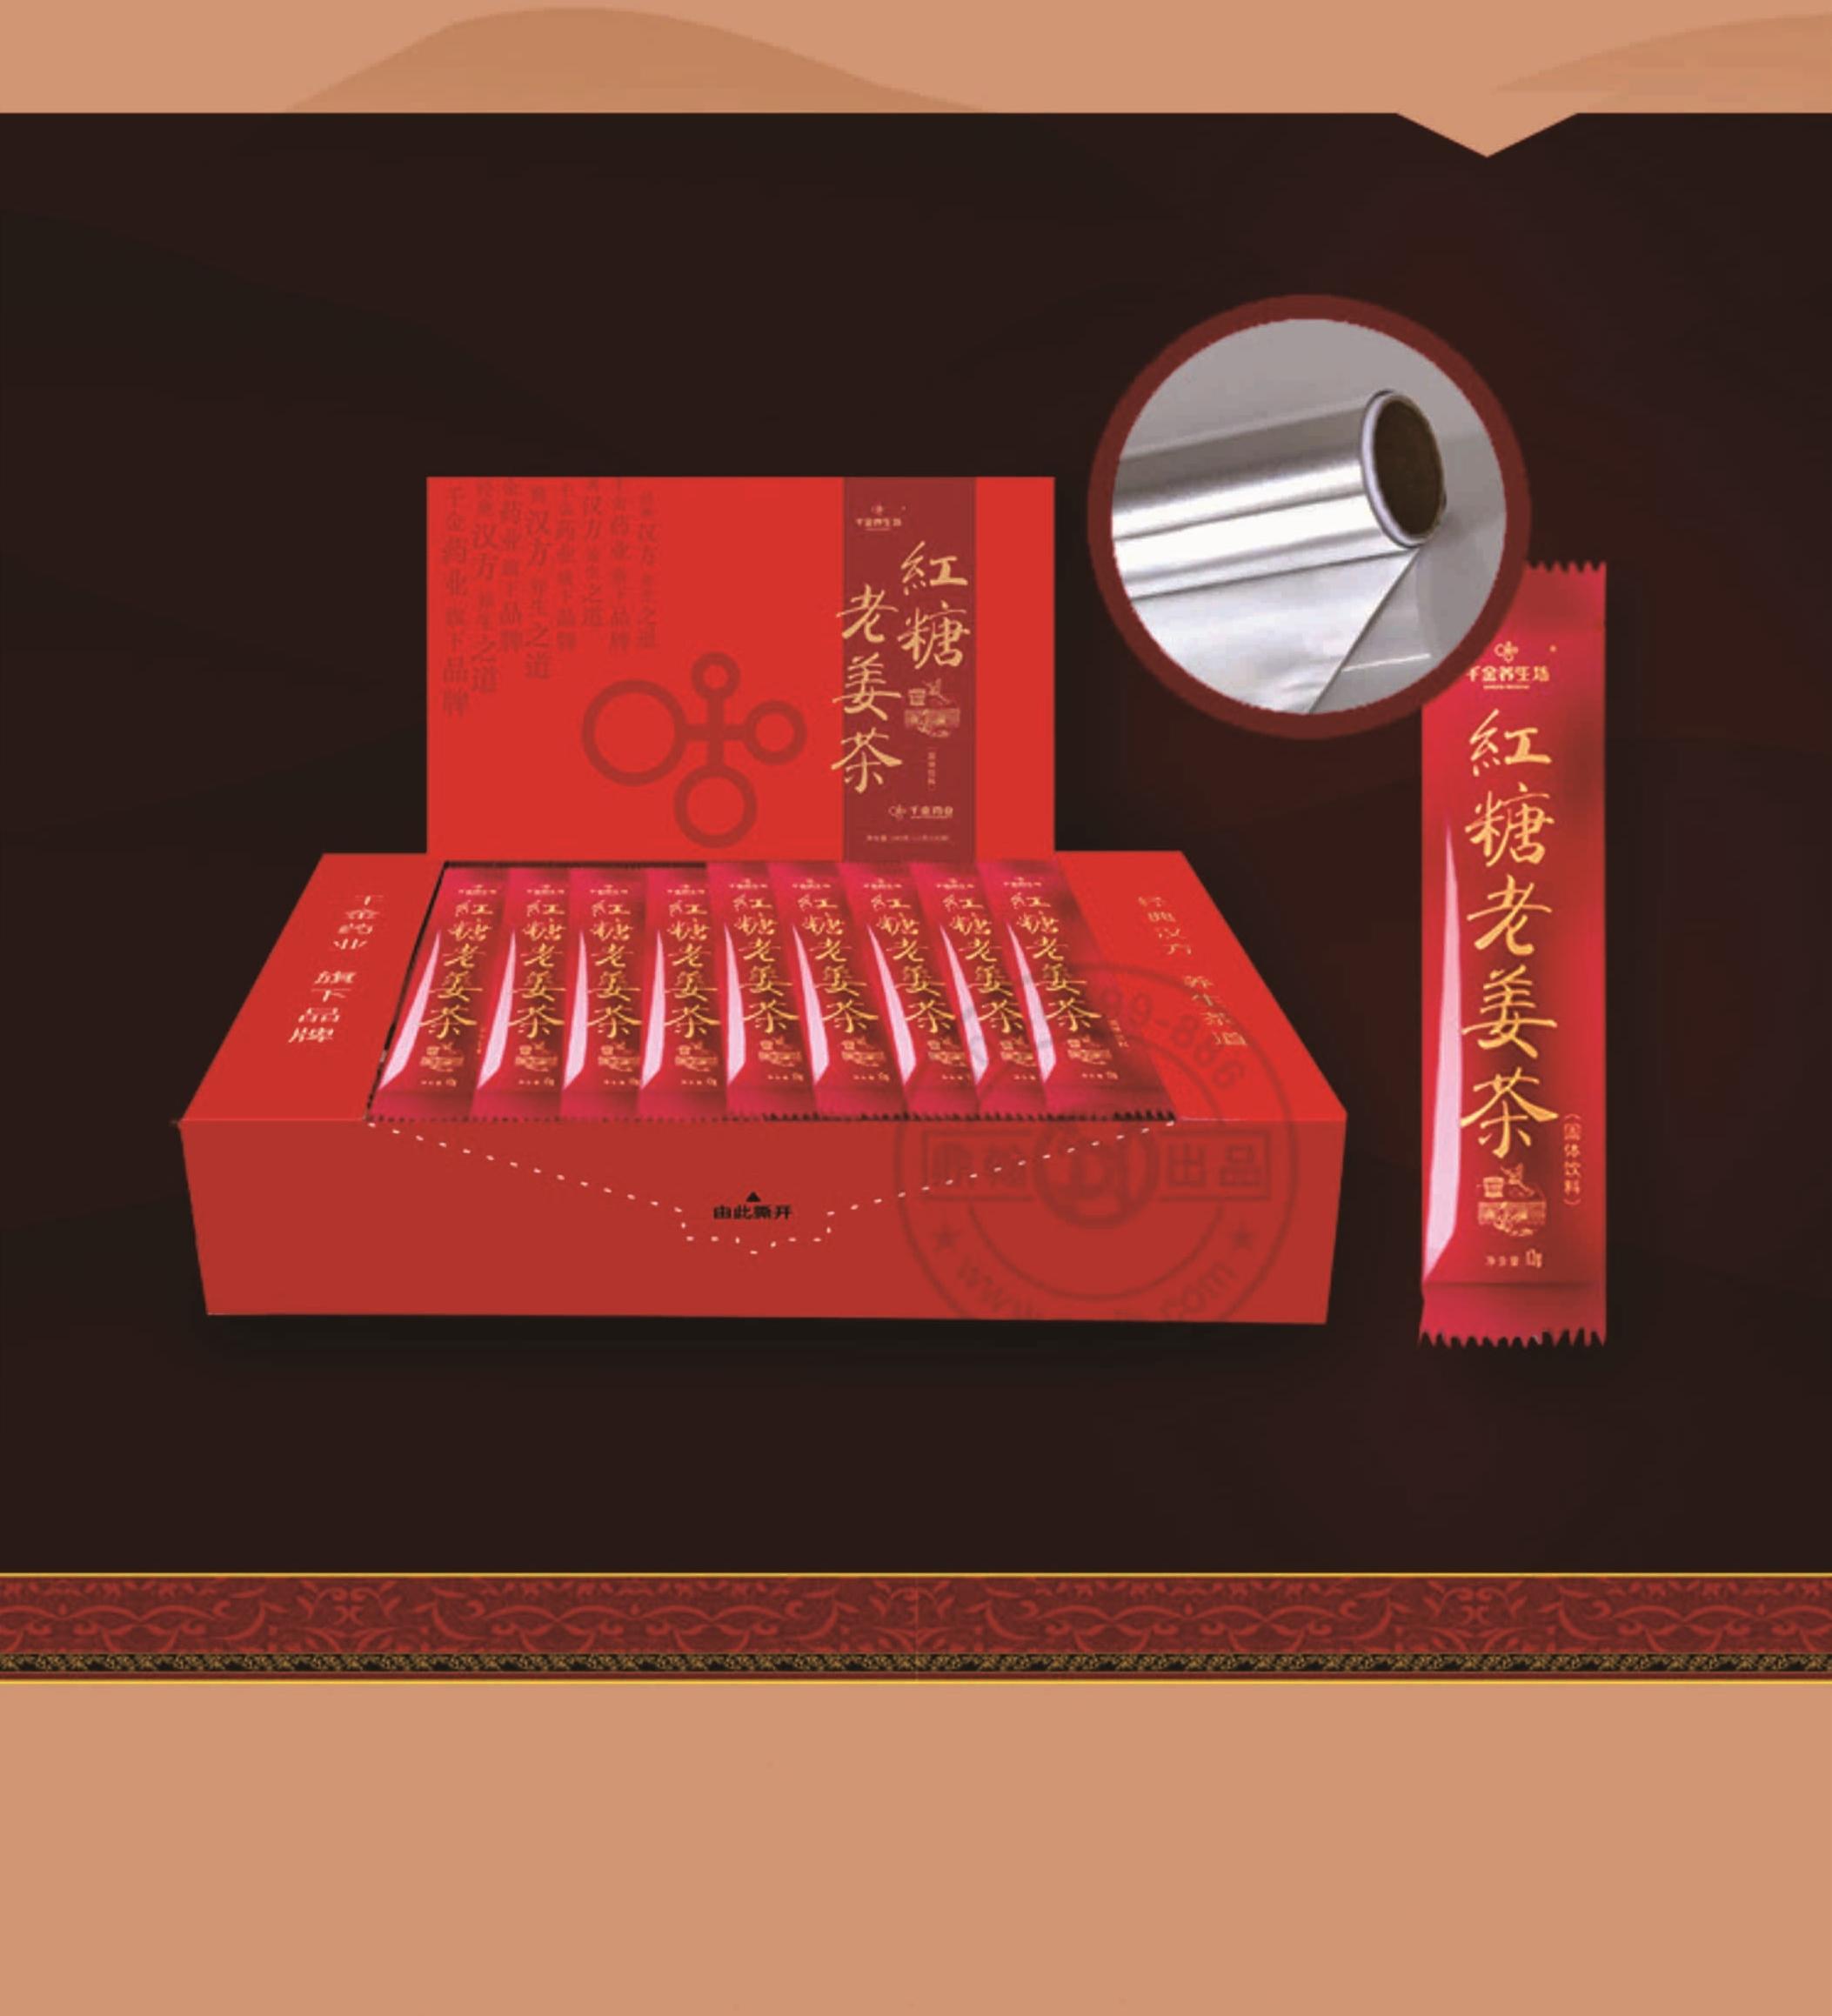 紅糖姜茶禮盒修改-12027558_07_副本